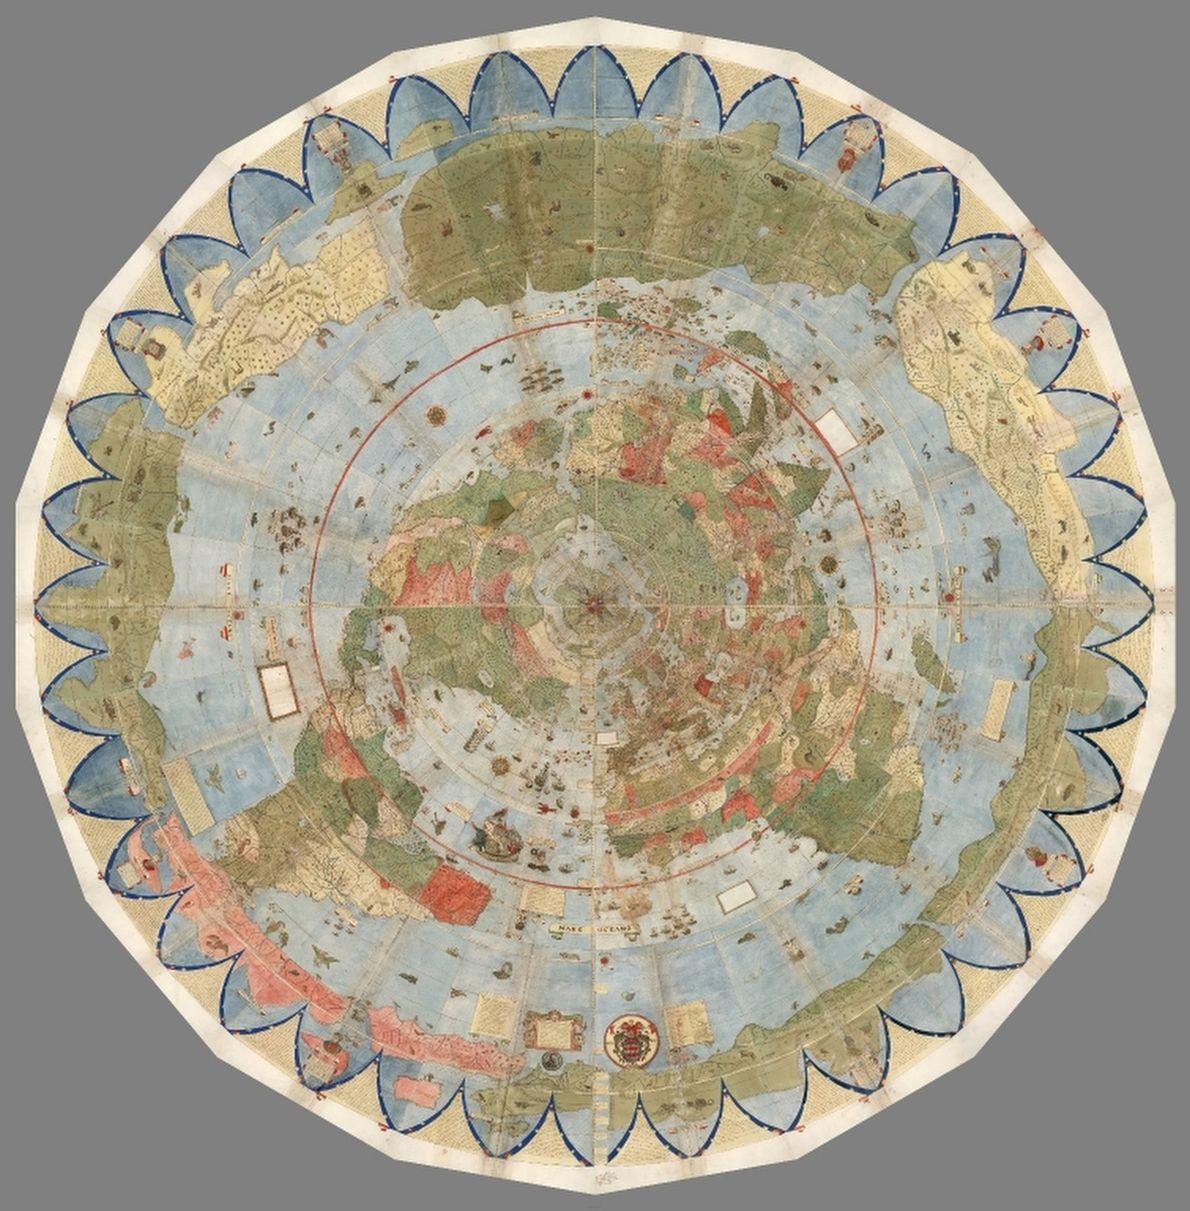 mapas unidos com anéis concêntricos